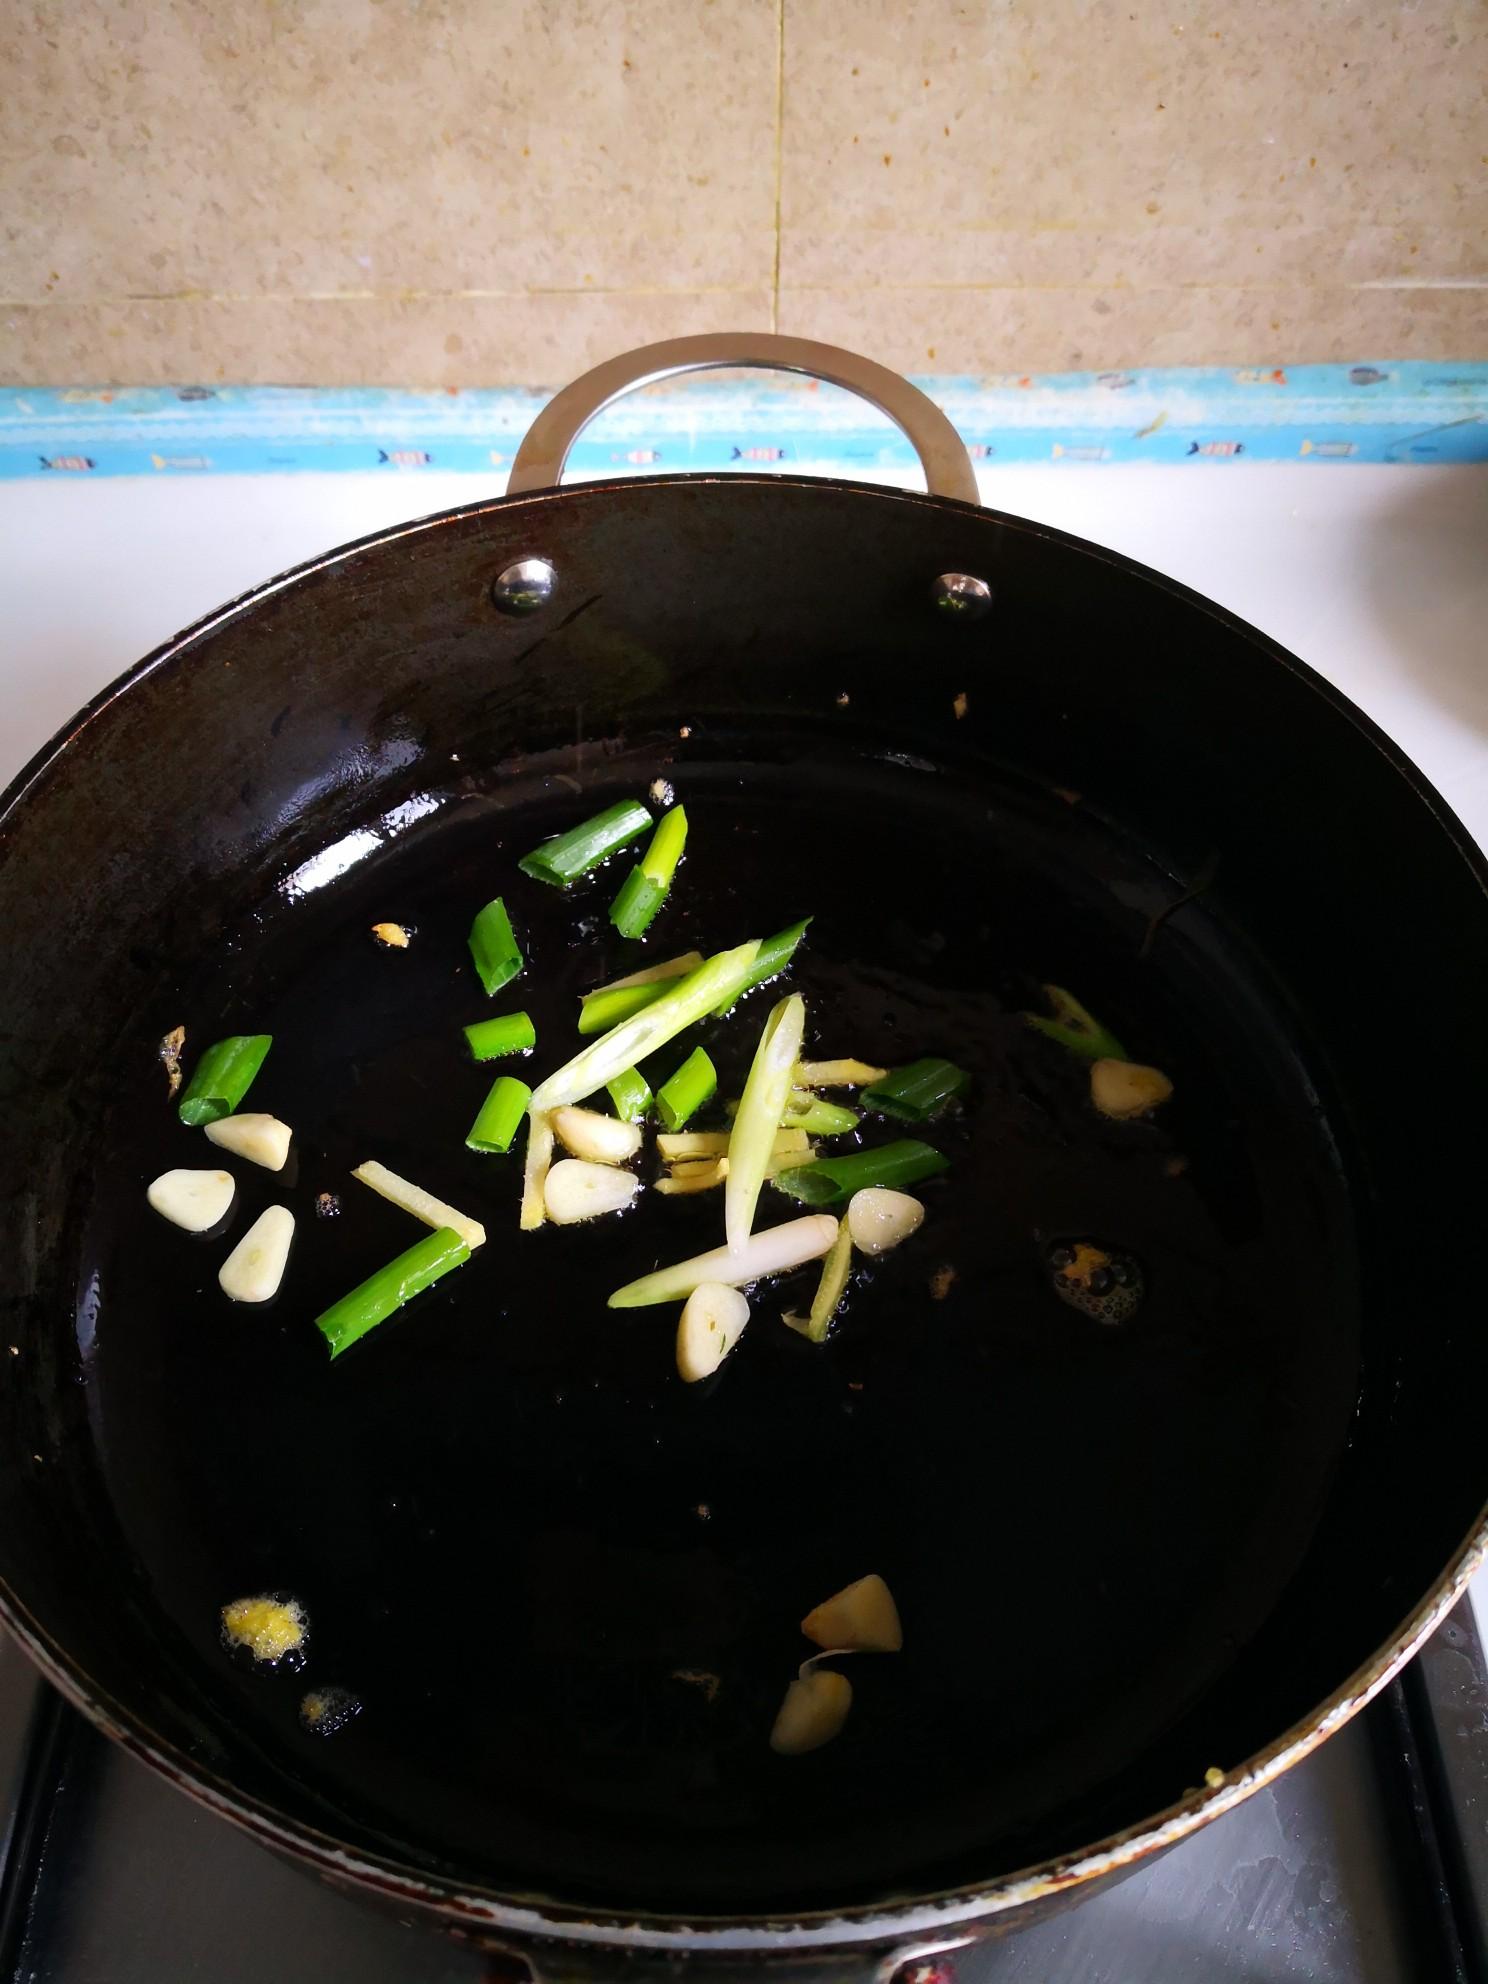 耗油鸡蛋炒瓜片的简单做法